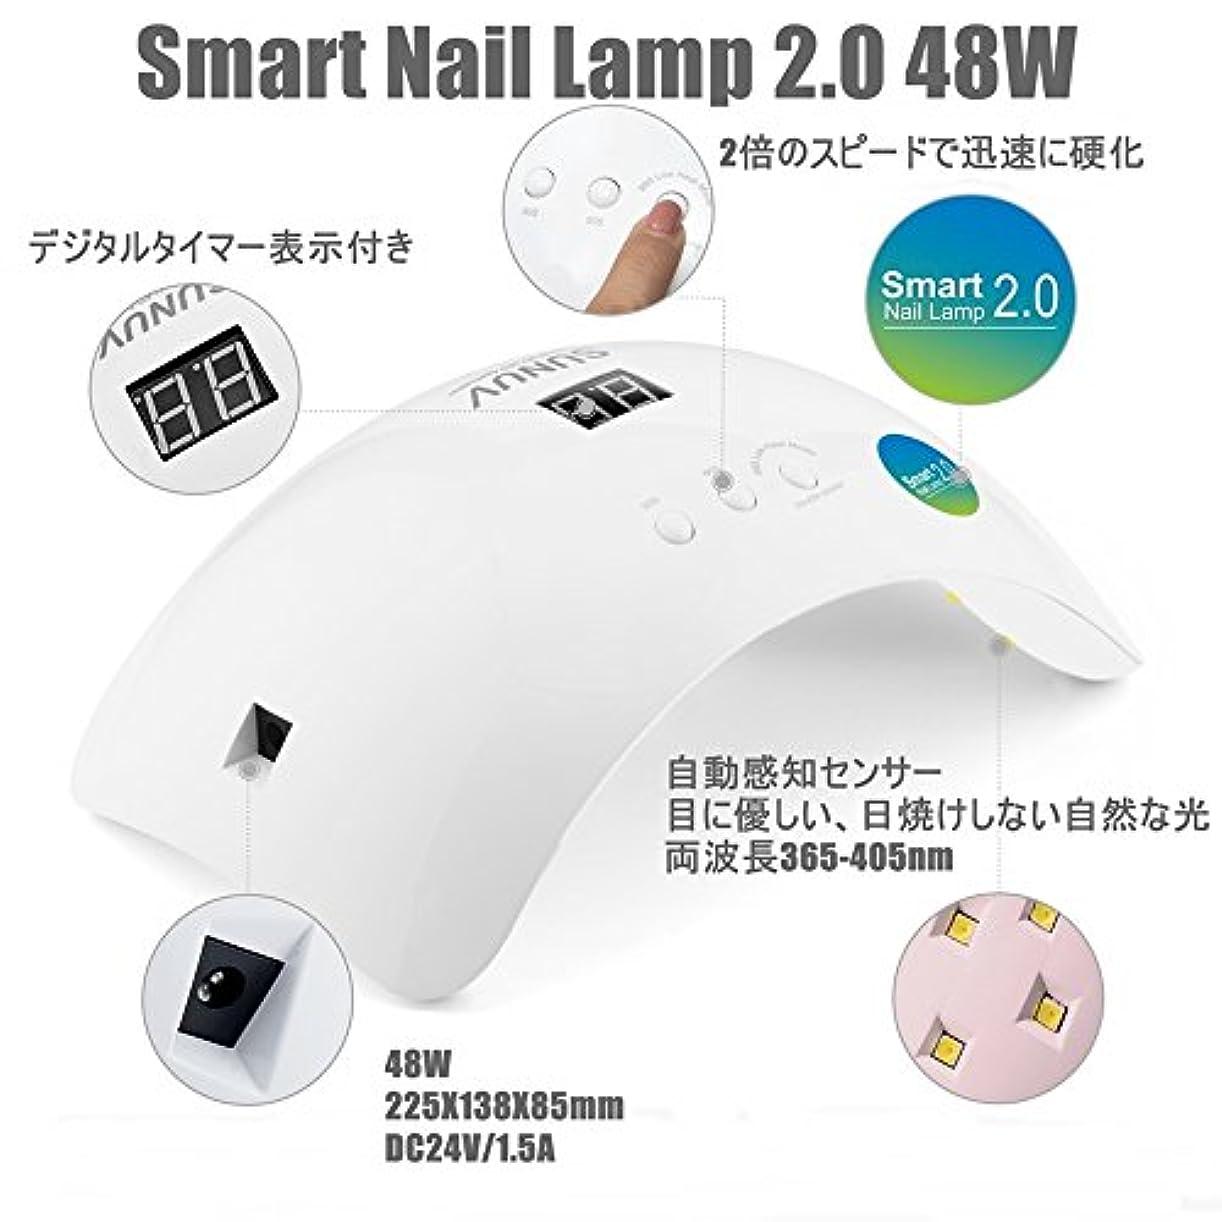 建築タバコ出口【最新型】【国内6ヶ月保証】Smart Nail Lamp 2.0 48W【ジェルネイルレジン用ライト】